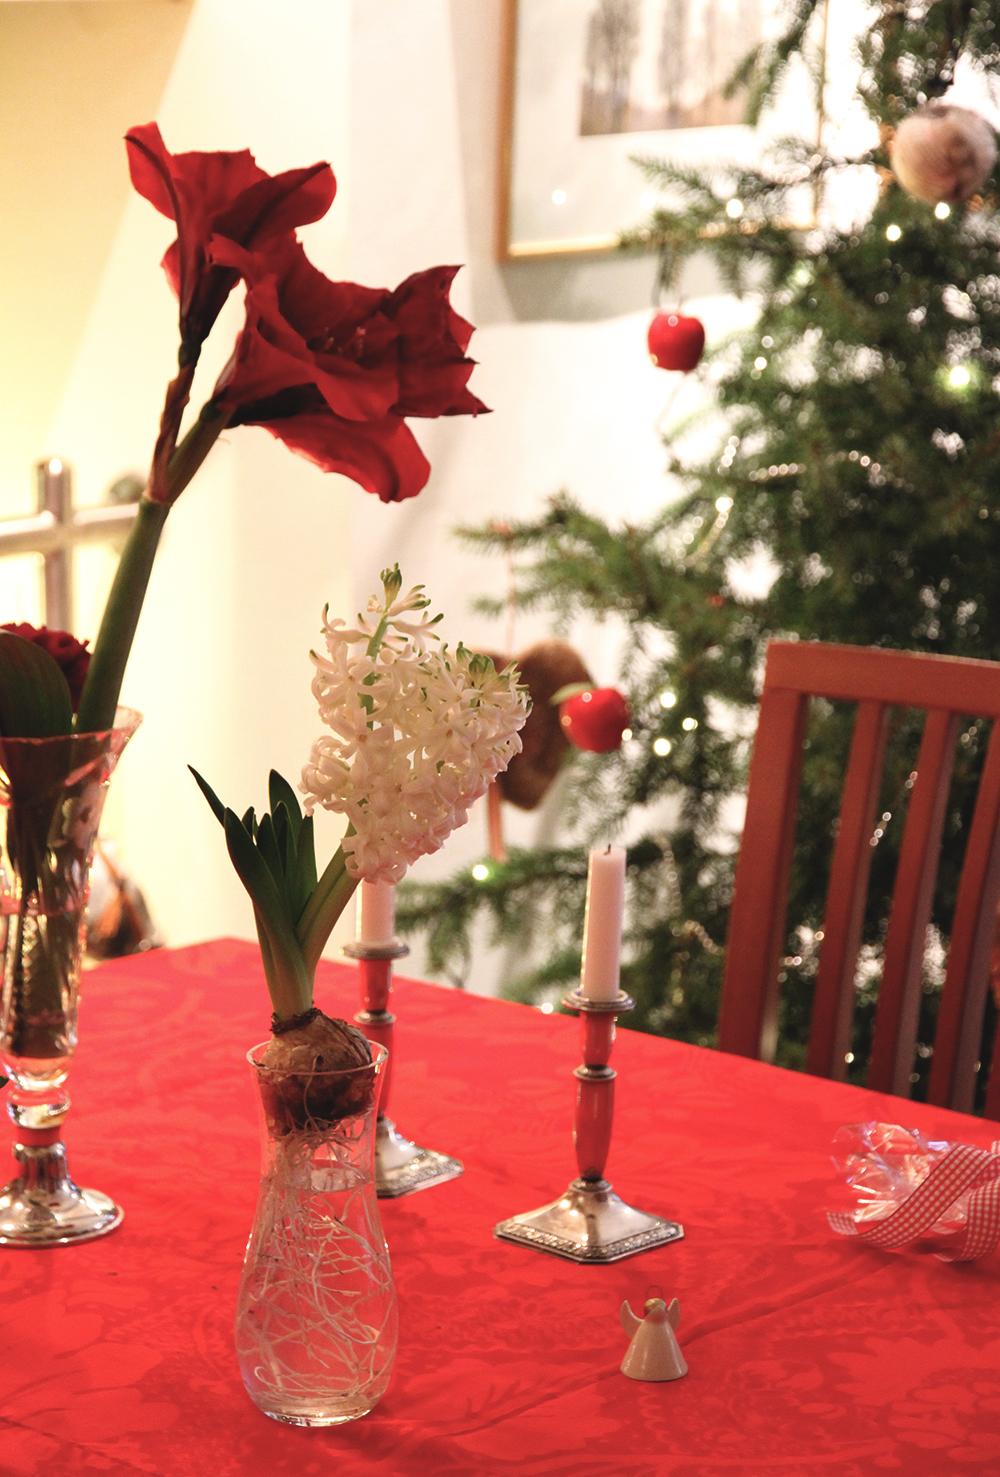 hunajaista vanhempien kotona joulu kukat marimekko